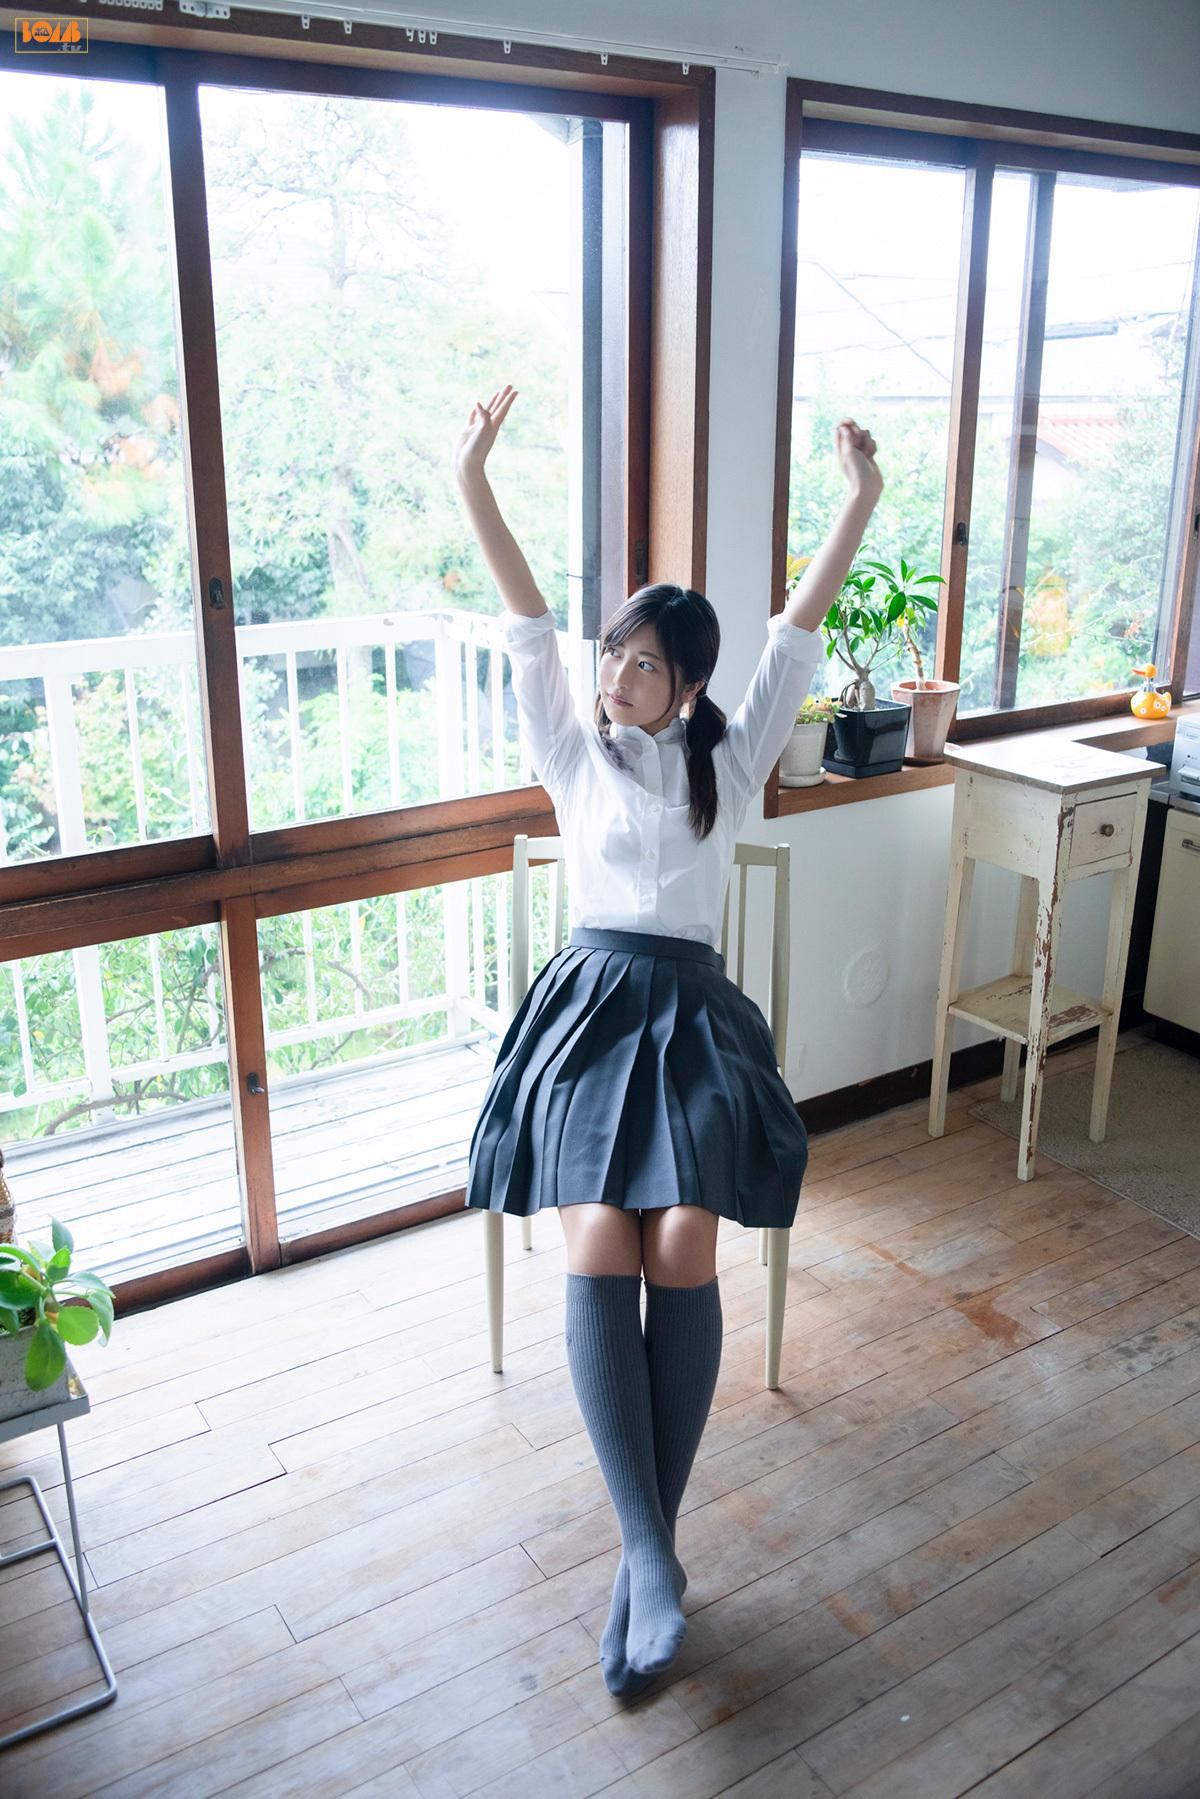 吉田莉樱 Rio Yoshida